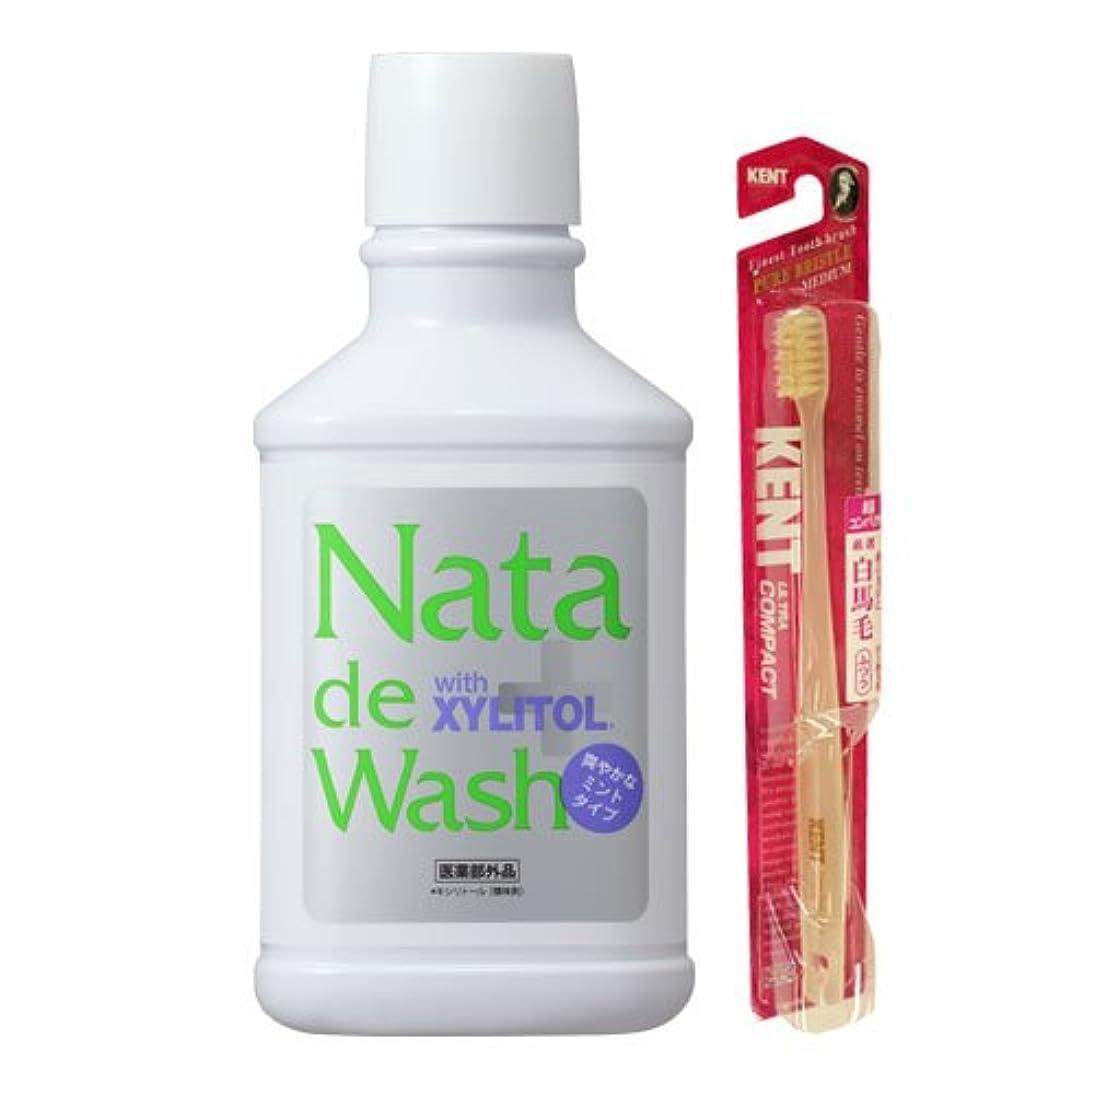 静めるほこりっぽい寝る薬用ナタデウォッシュ 爽やかなミントタイプ 500ml 1本& KENT歯ブラシ1本プレゼント